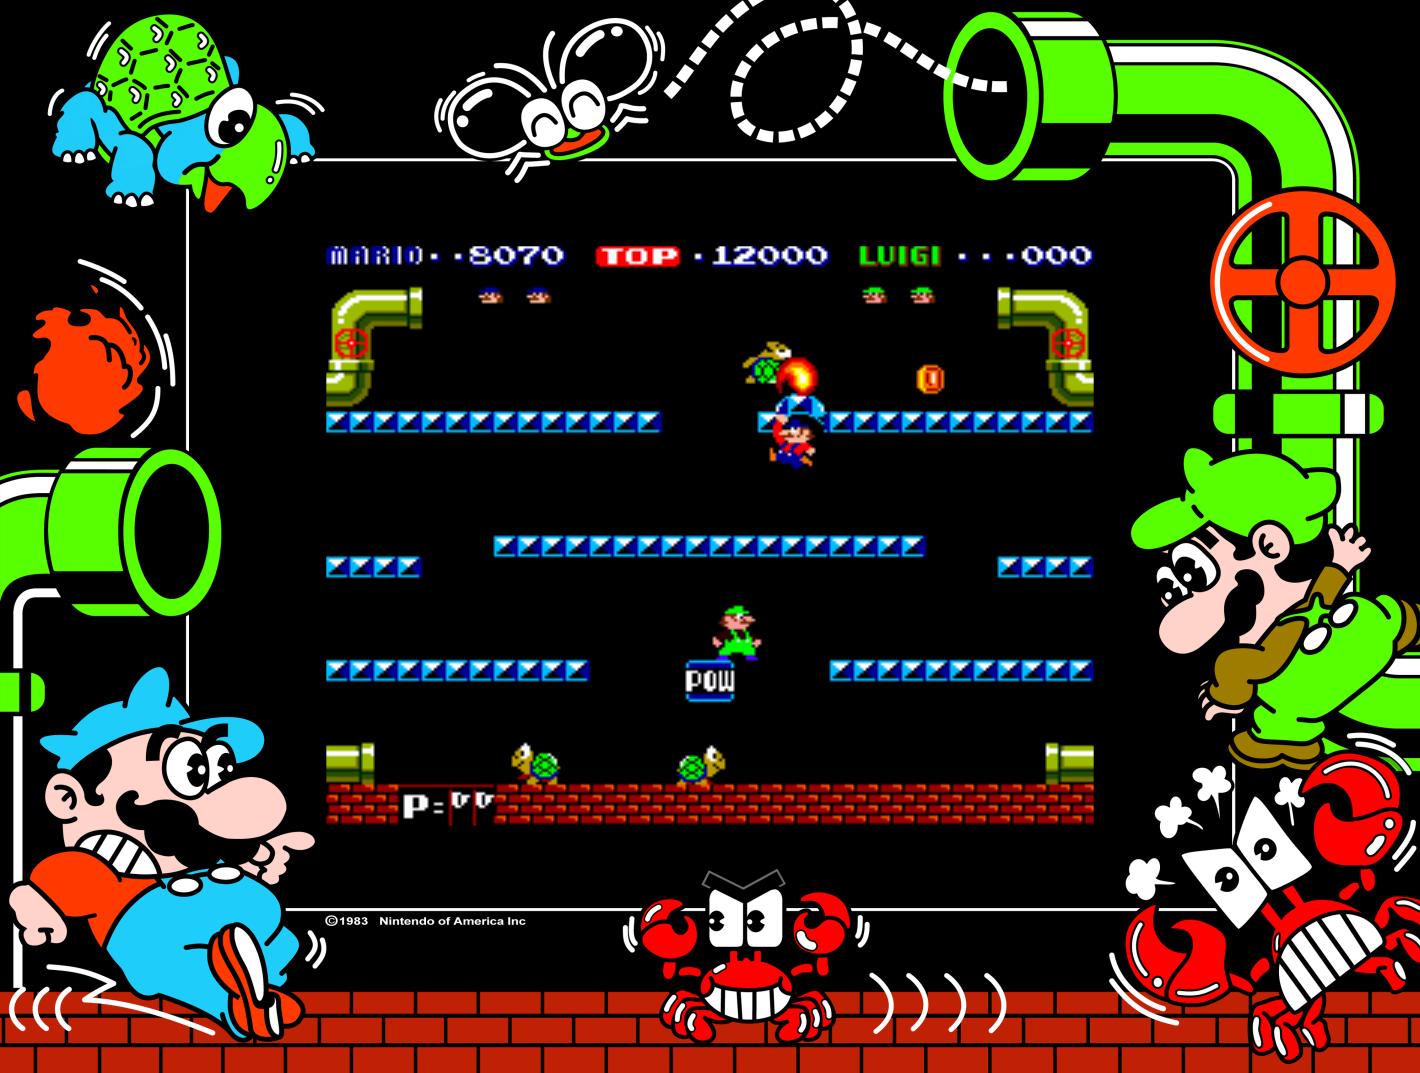 Mario Bros., an arcade video game by Nintendo 1983